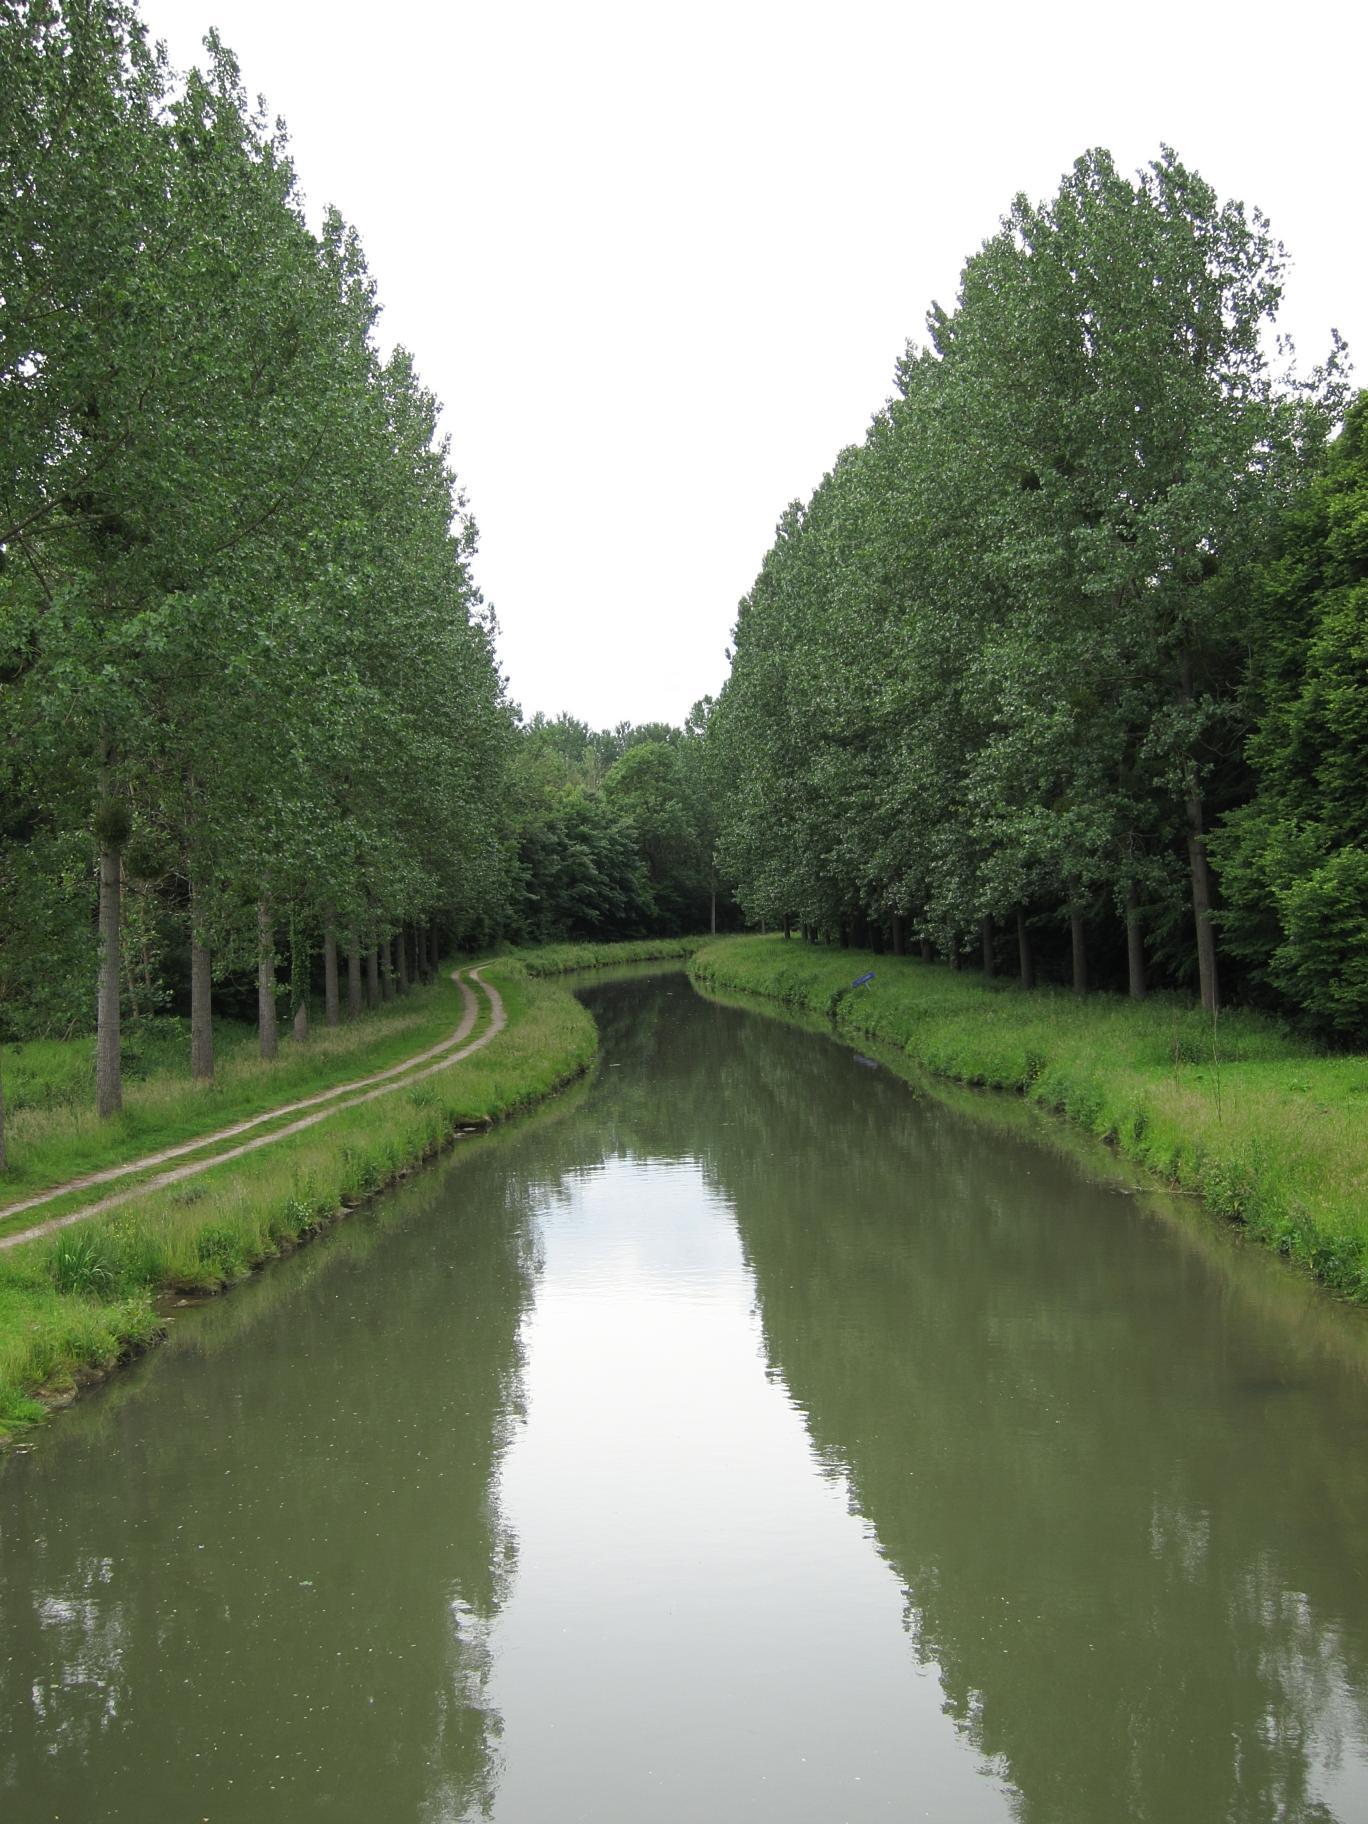 Canal de l'Ourcq between La Ferté-Milon and Mareuil.